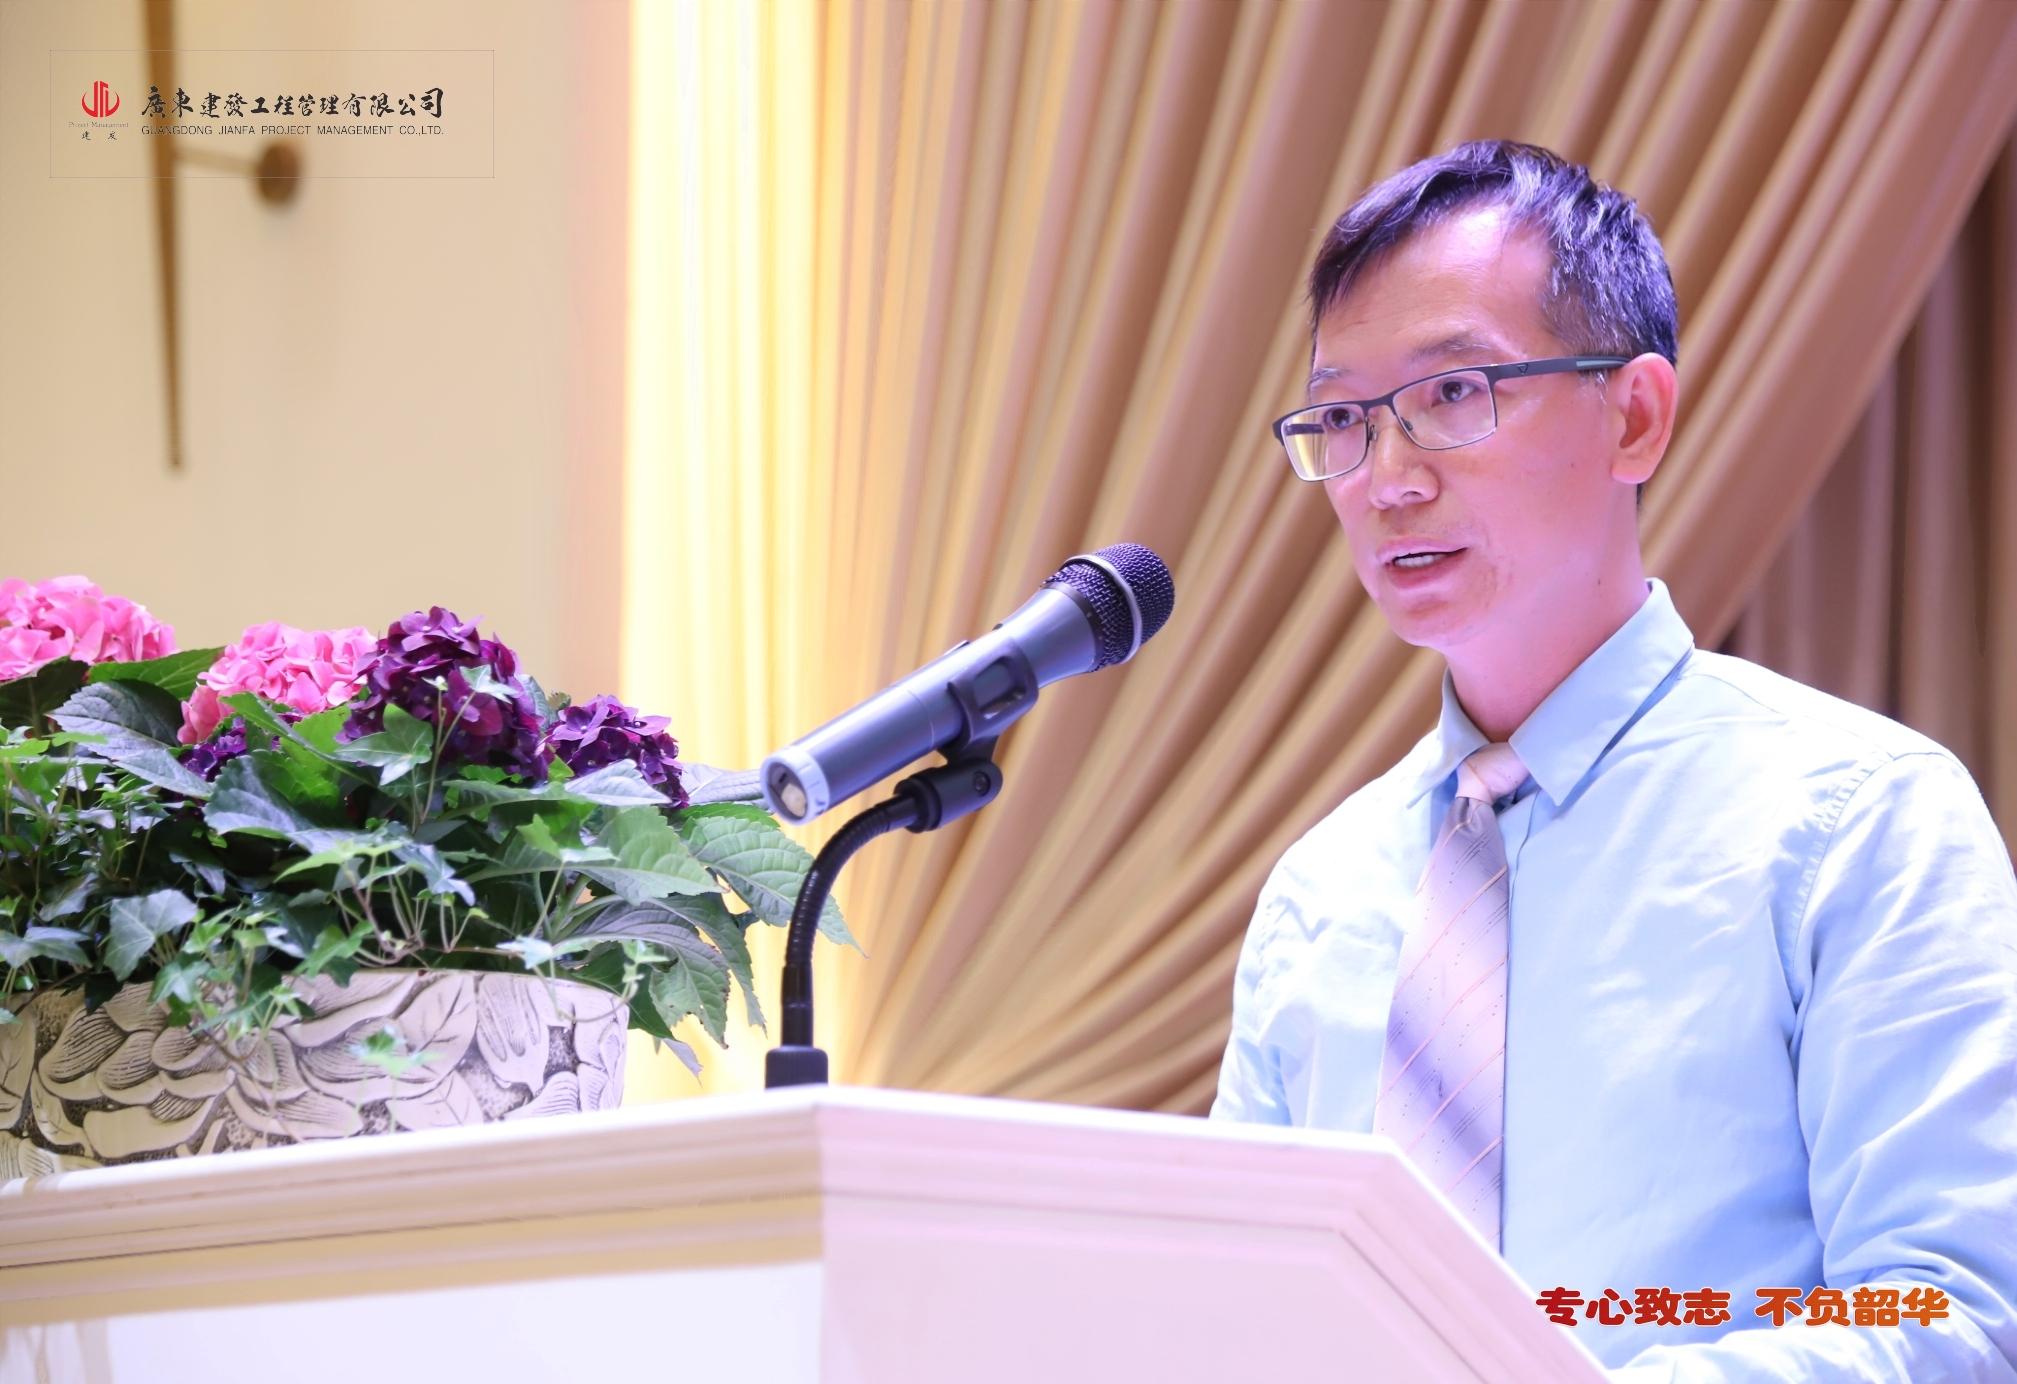 广东建发工程管理有限有公司 2019年度工作总结大会和迎新晚会报道